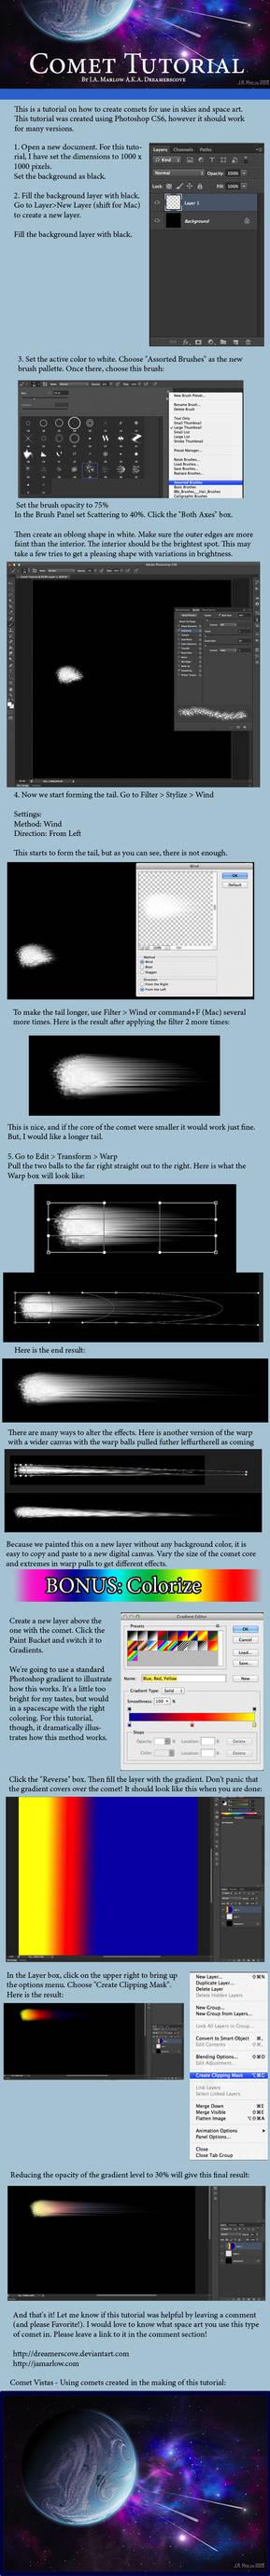 Comet Tutorial